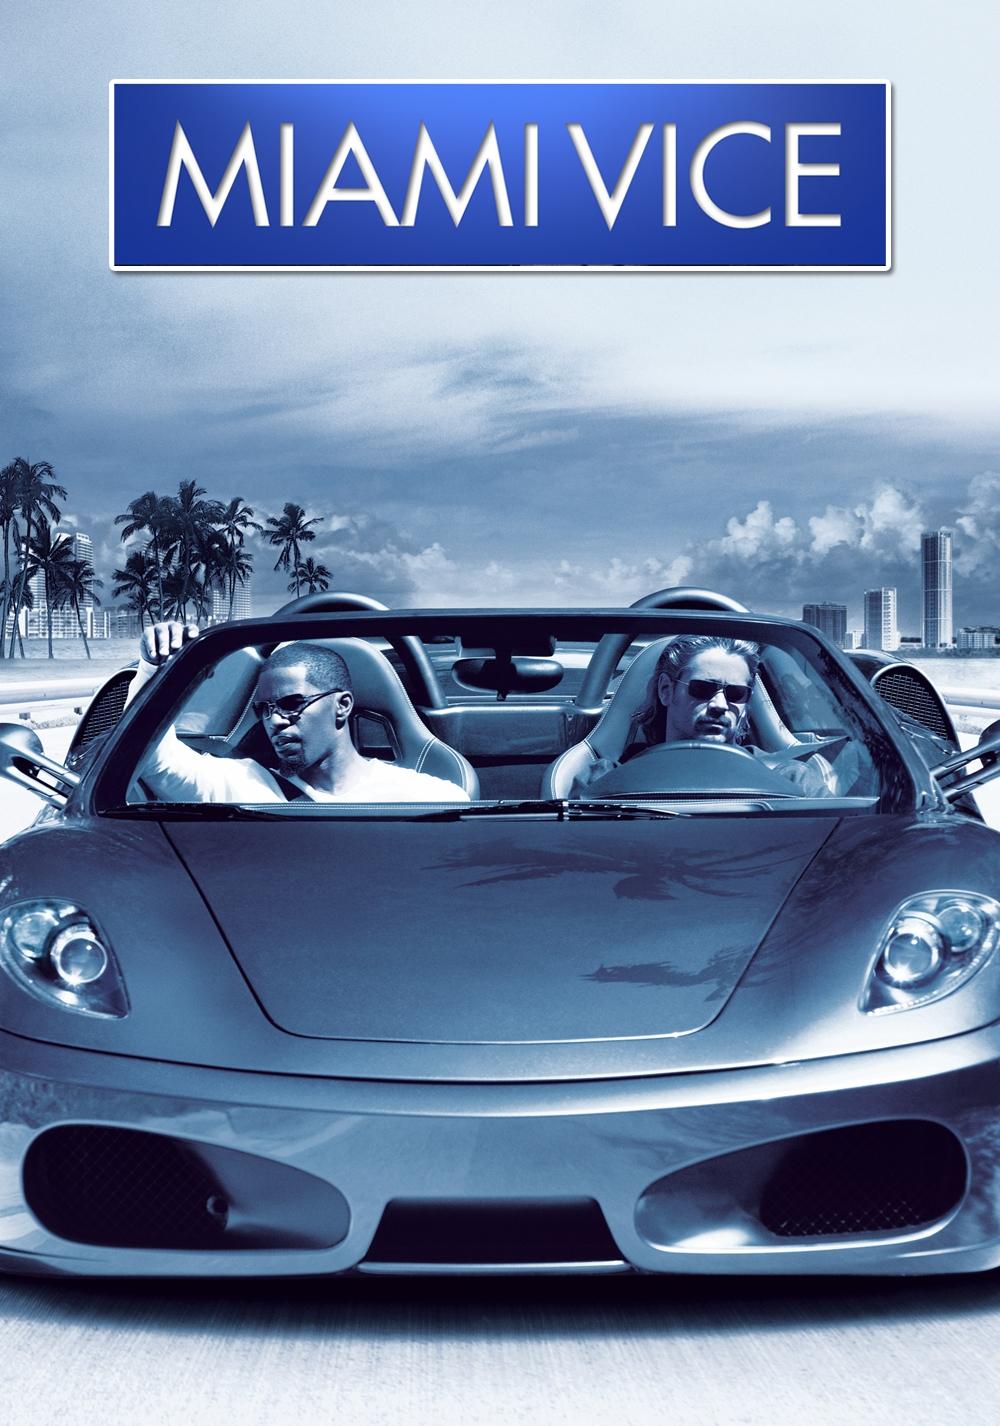 Miami Vice Film